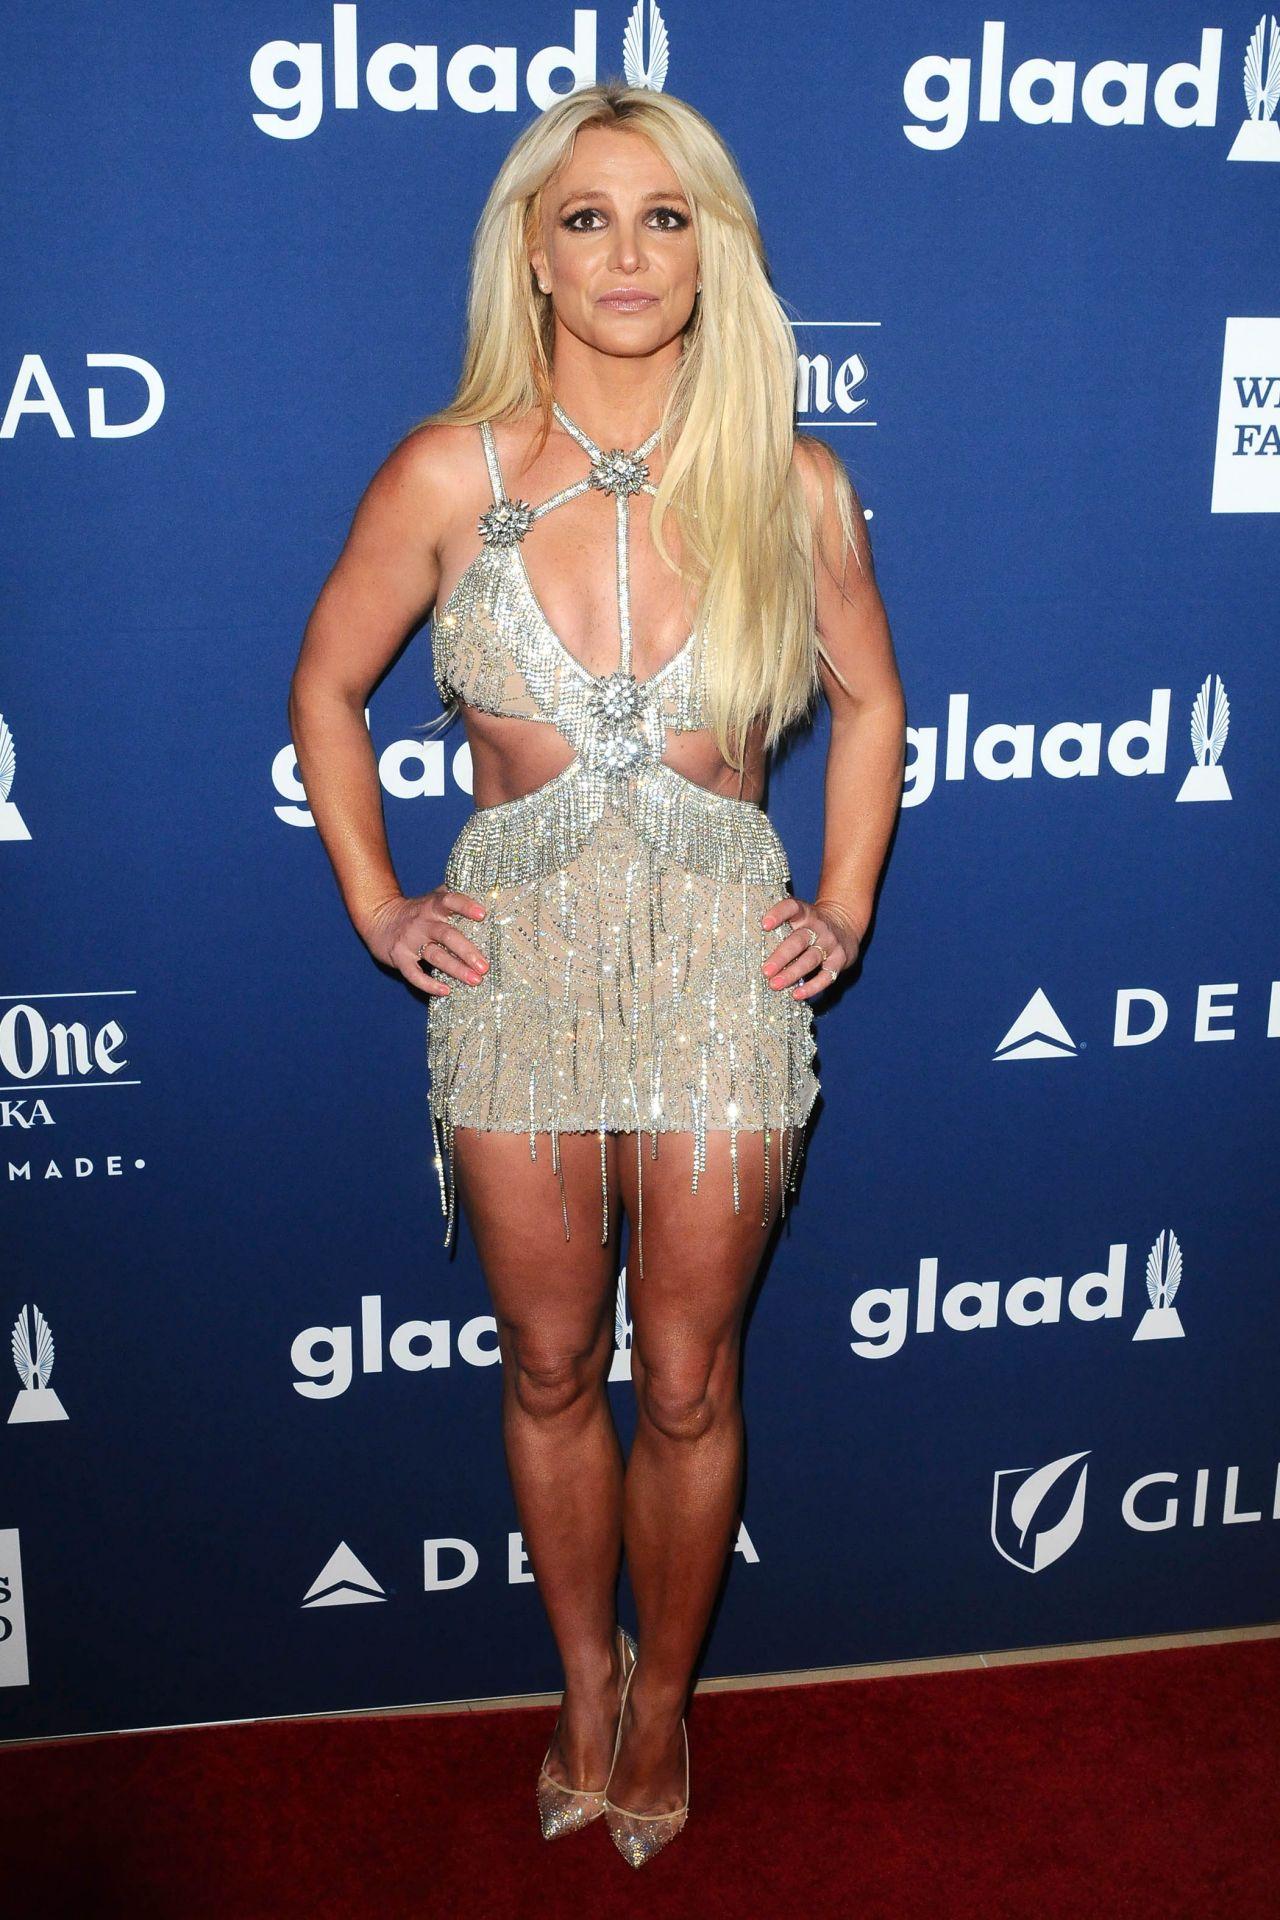 Бритни Спирс - Britney Spears фото №1061665 - Britney ... бритни спирс новости